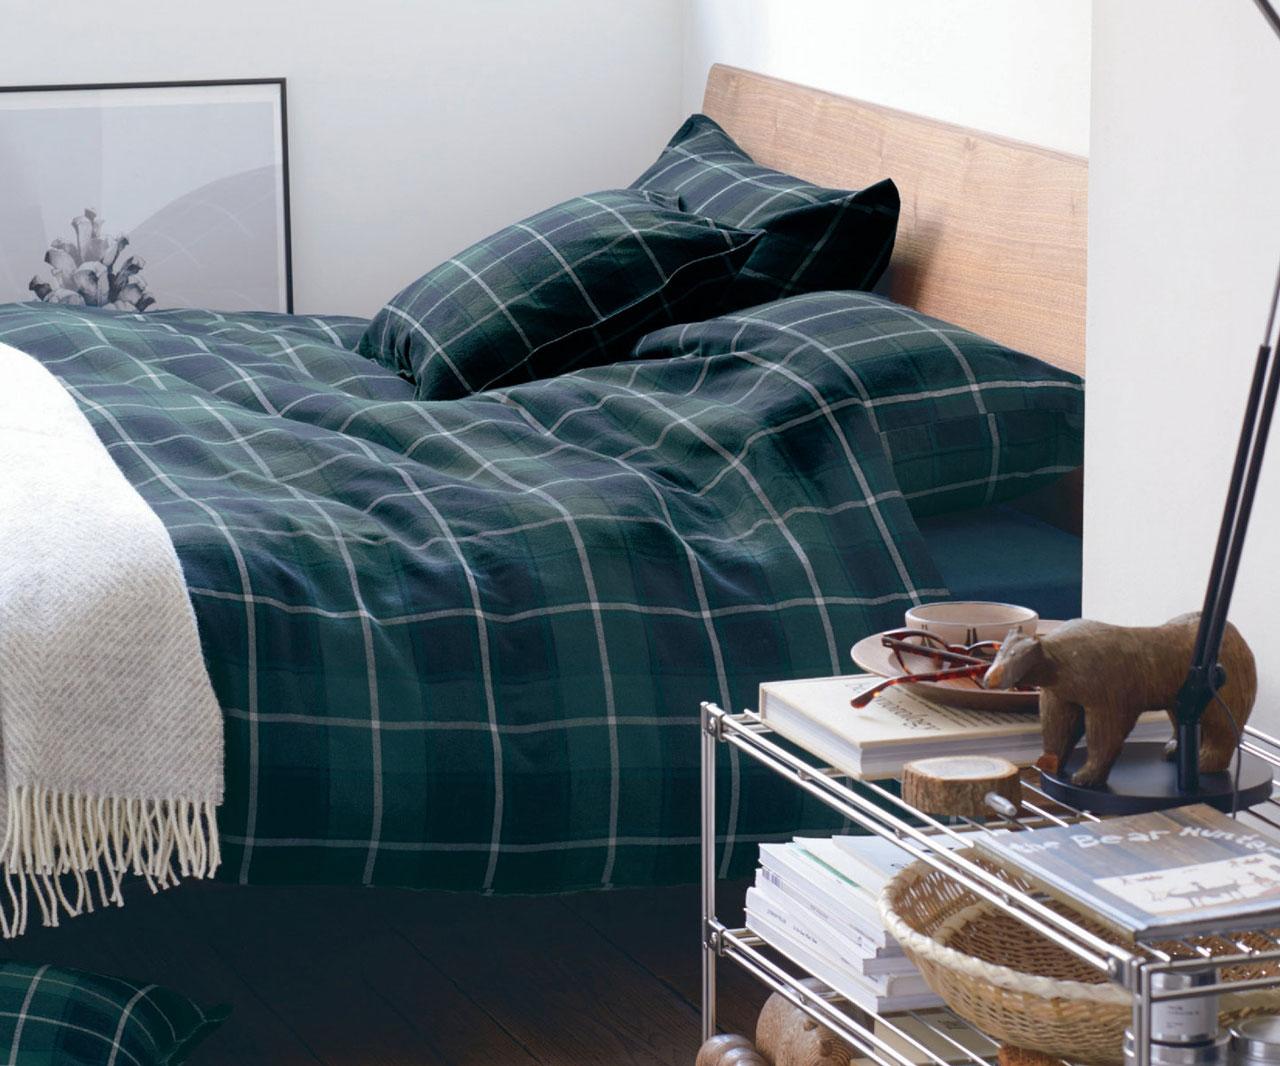 3月の無印良品週間で買ったインド綿高密度サテン織ホテル仕様の掛け布団カバーと枕カバー。